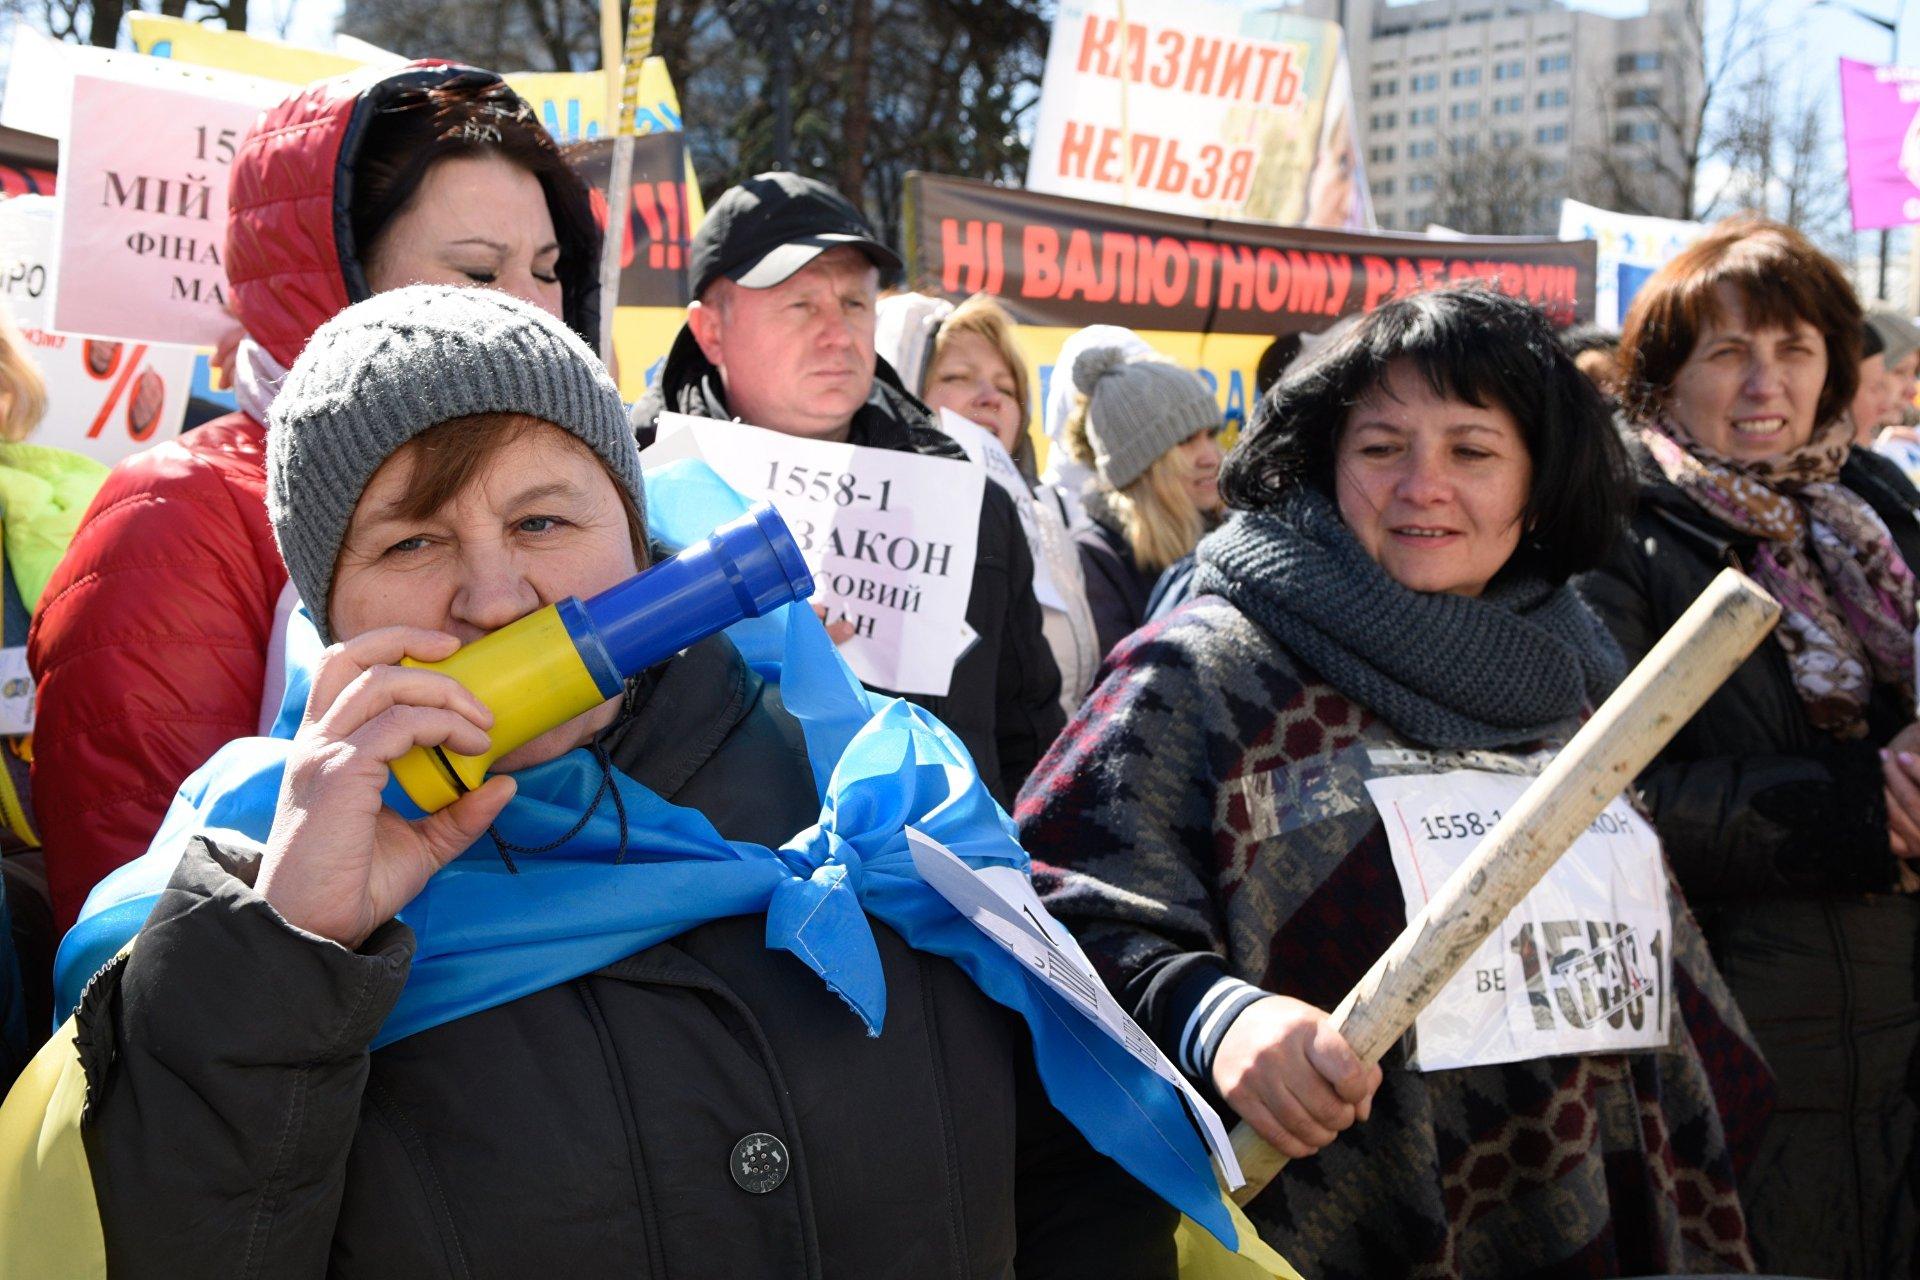 http://ukraina.ru/images/101273/01/1012730156.jpg